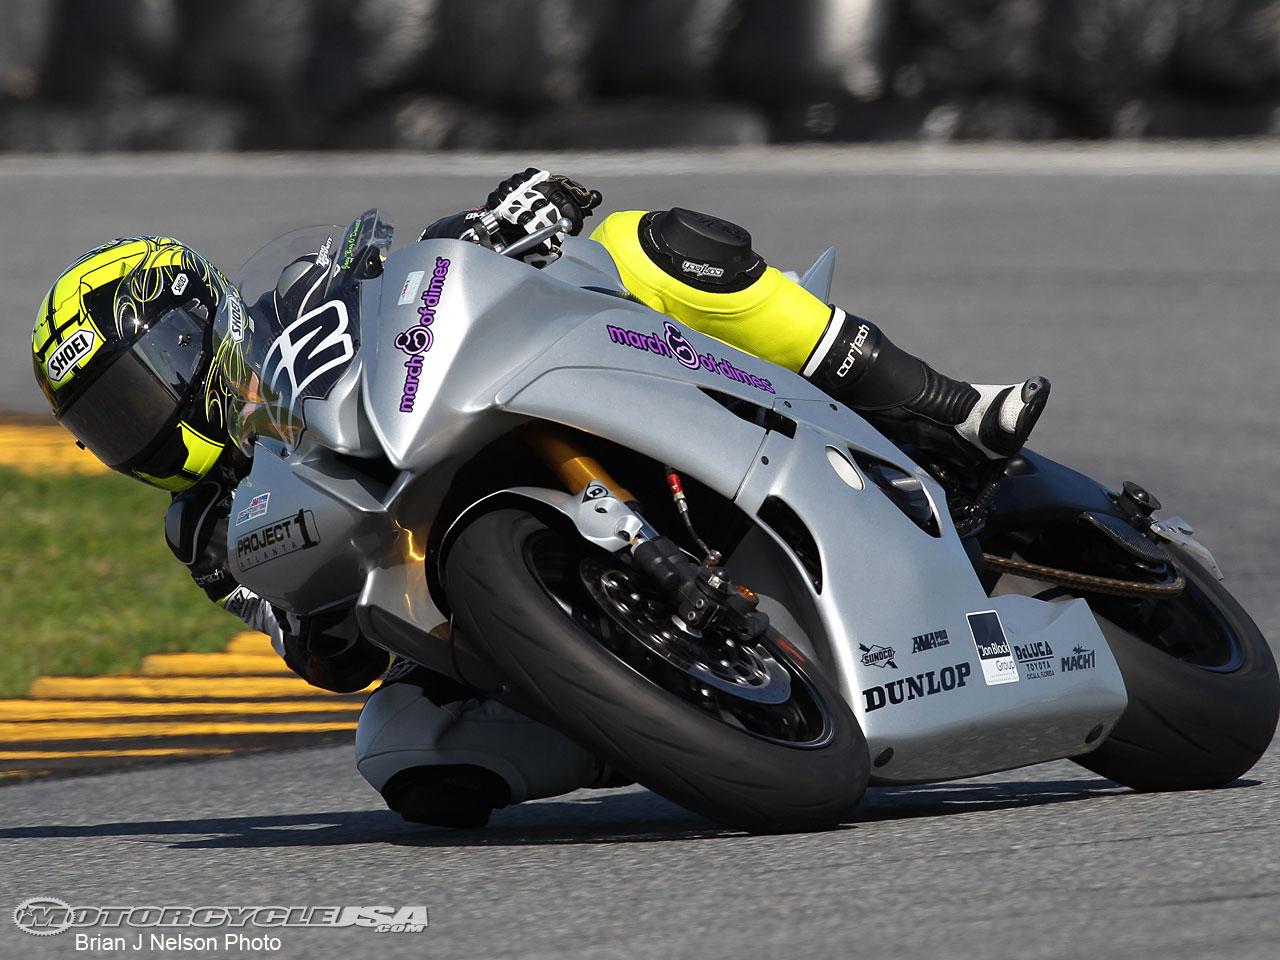 Daytona 200 2012 - Page 2 Pascarella-Daytona